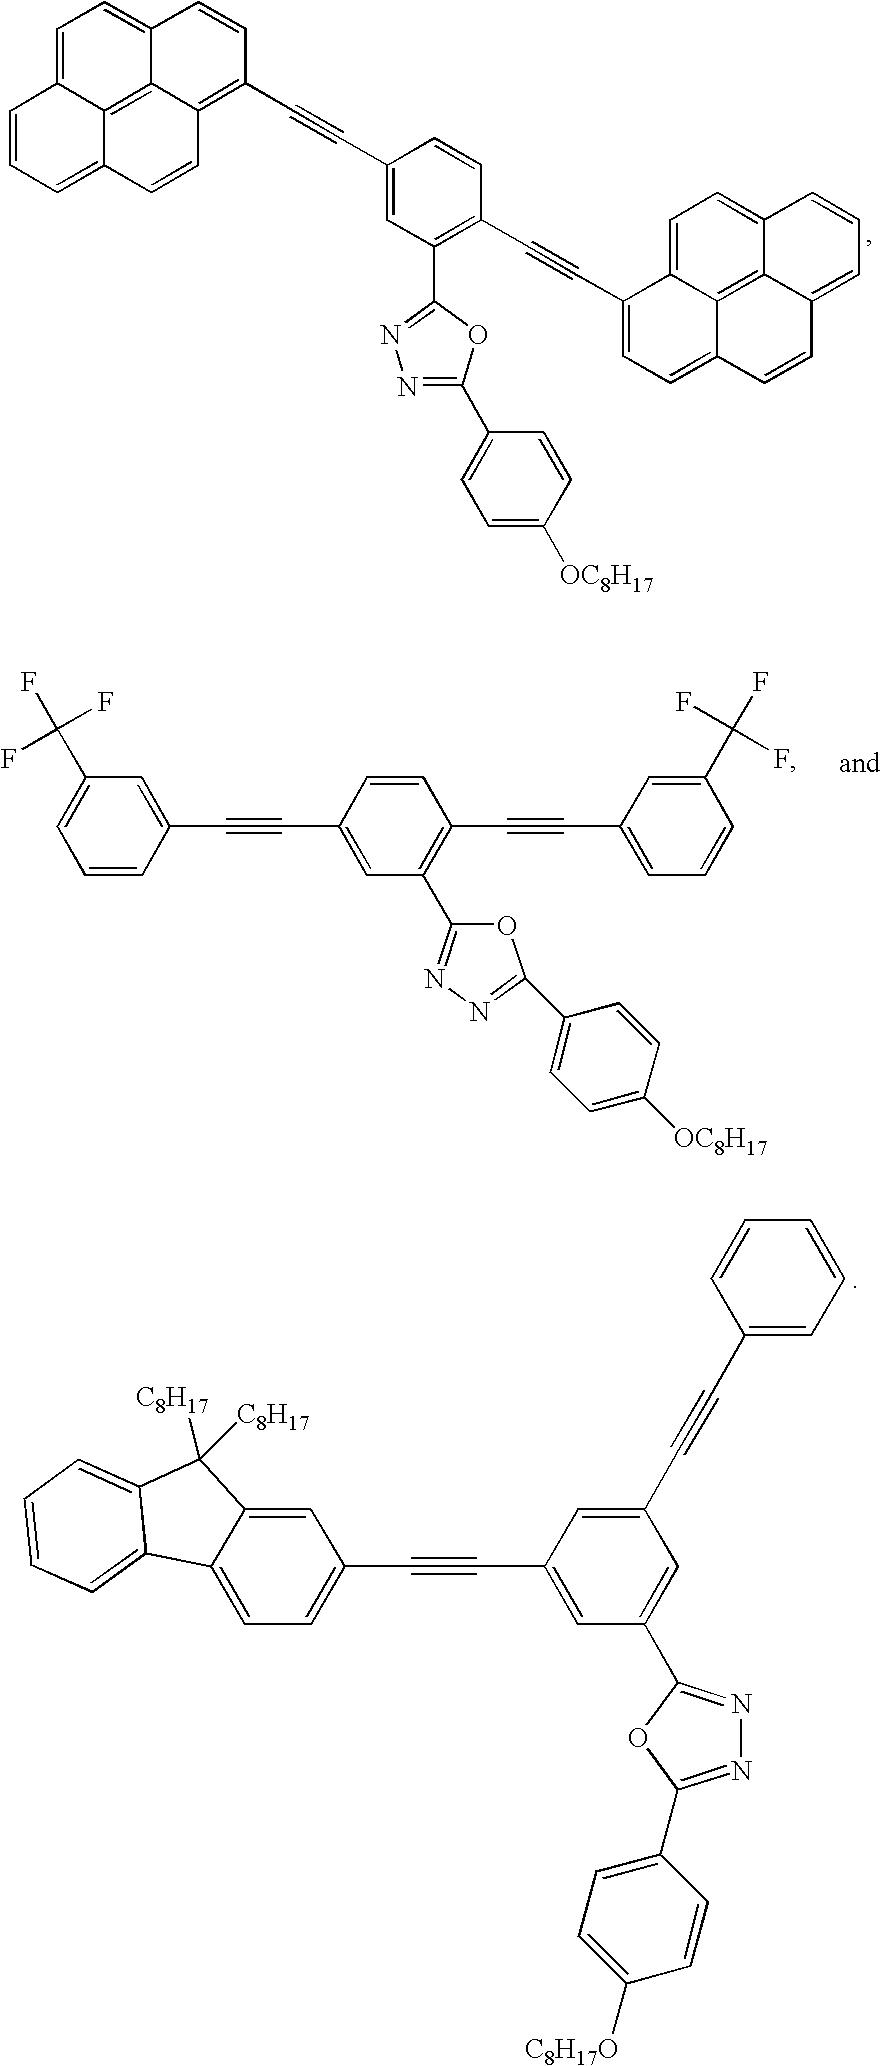 Figure US20070107835A1-20070517-C00037